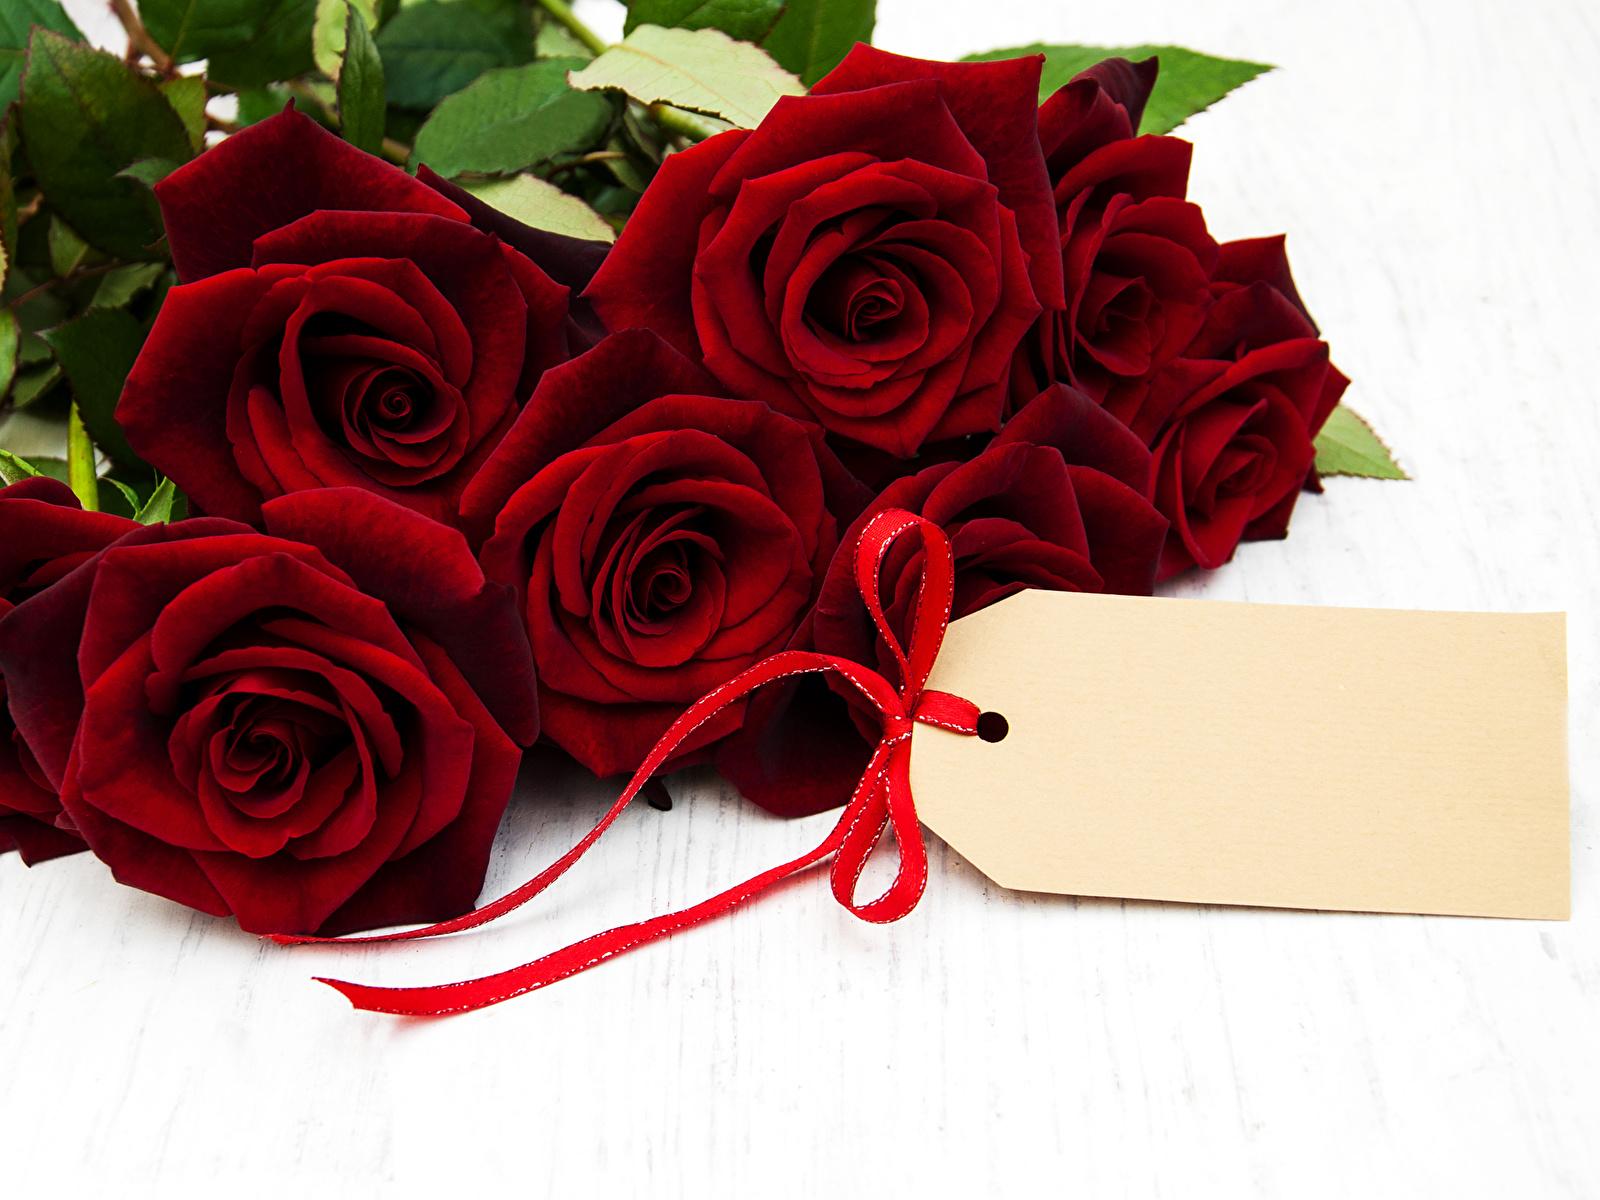 Открытки букеты из роз или просто одиночные розы - 3D галерея 15